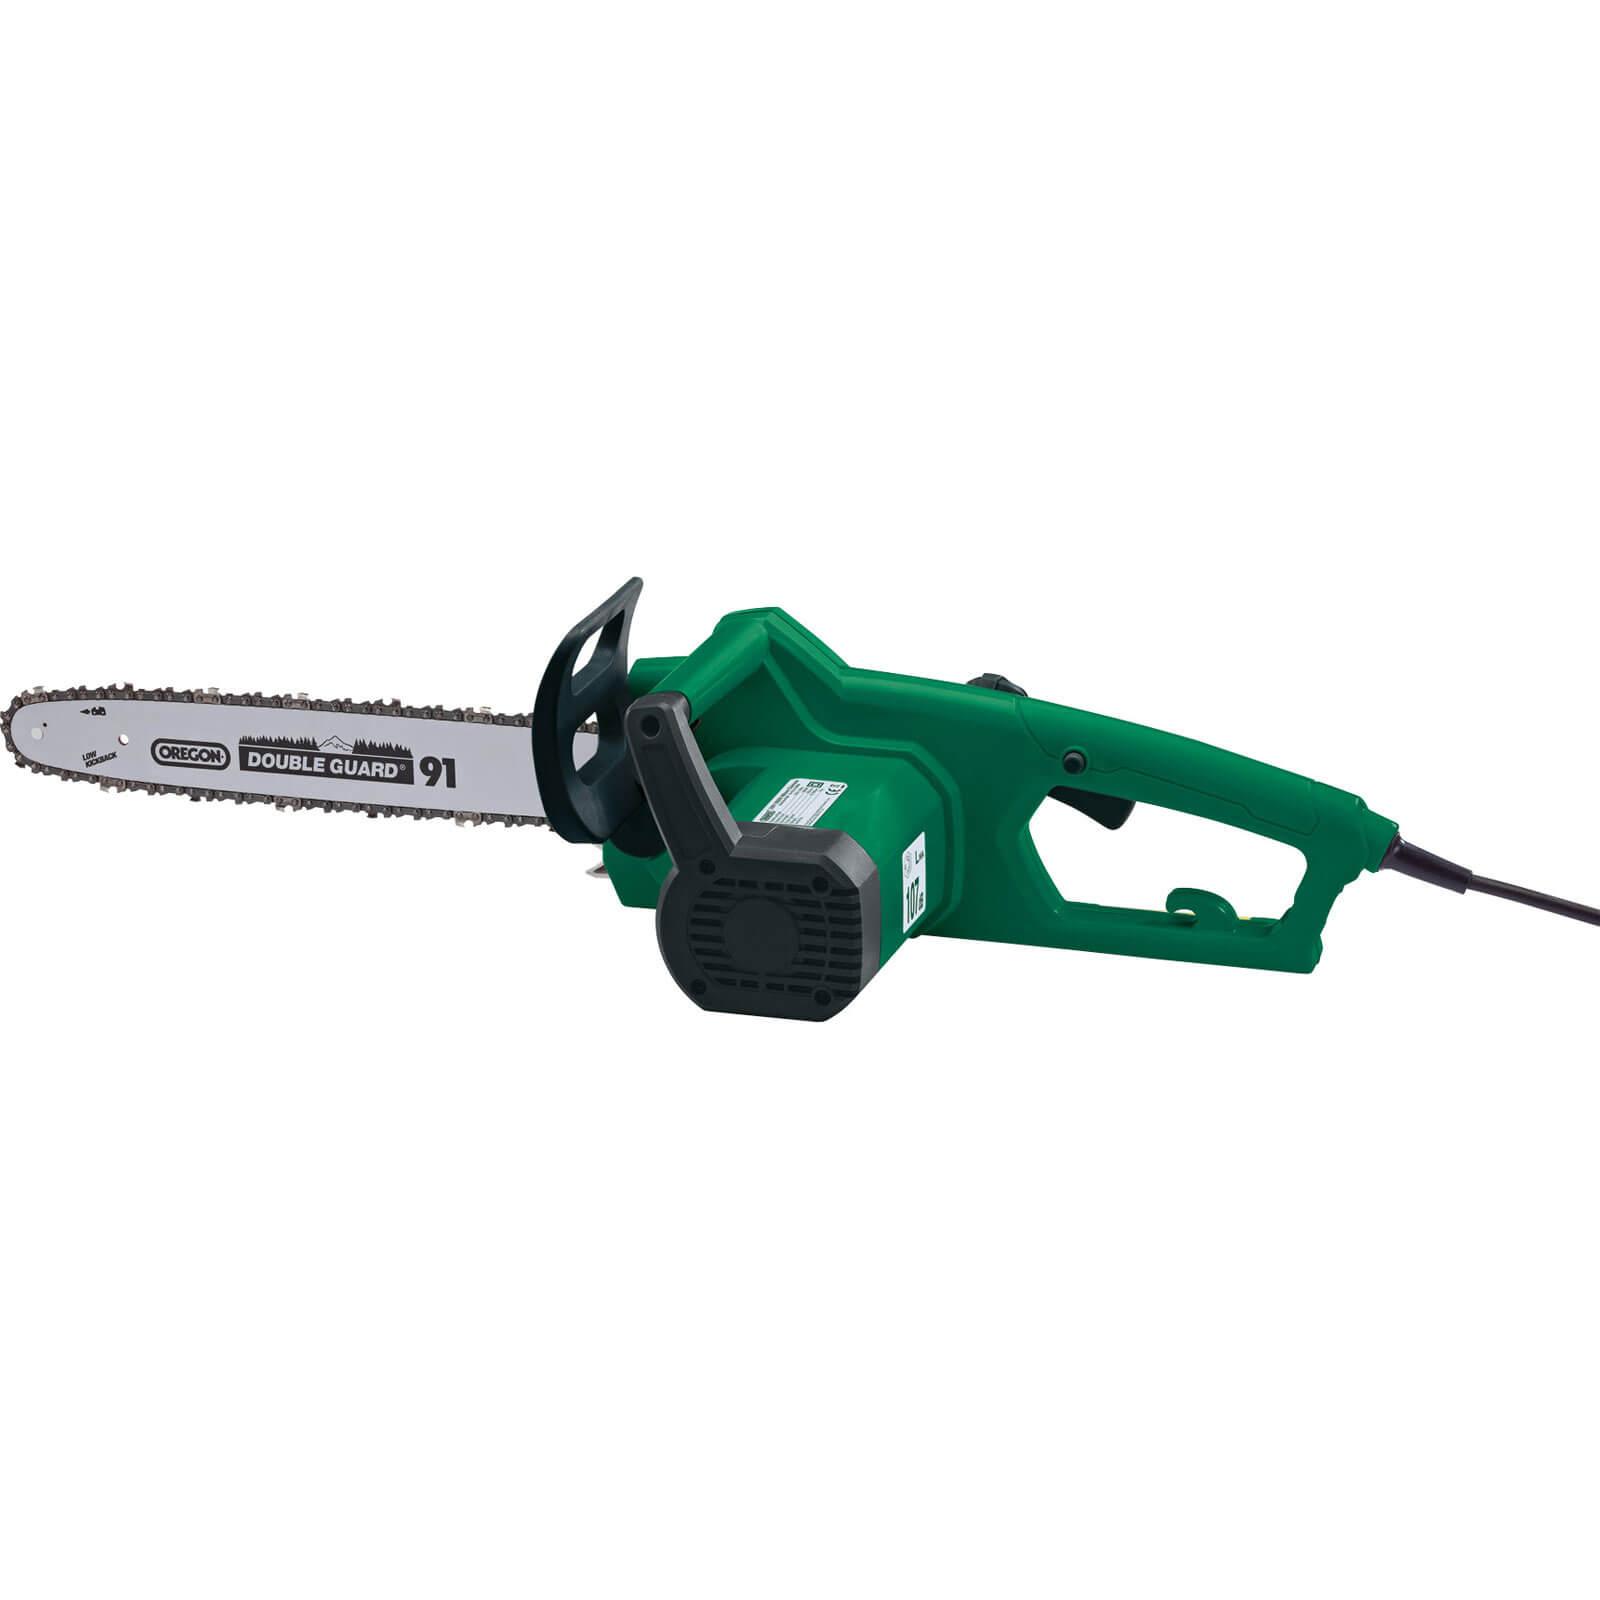 Draper 1800W Chainsaw 405mm